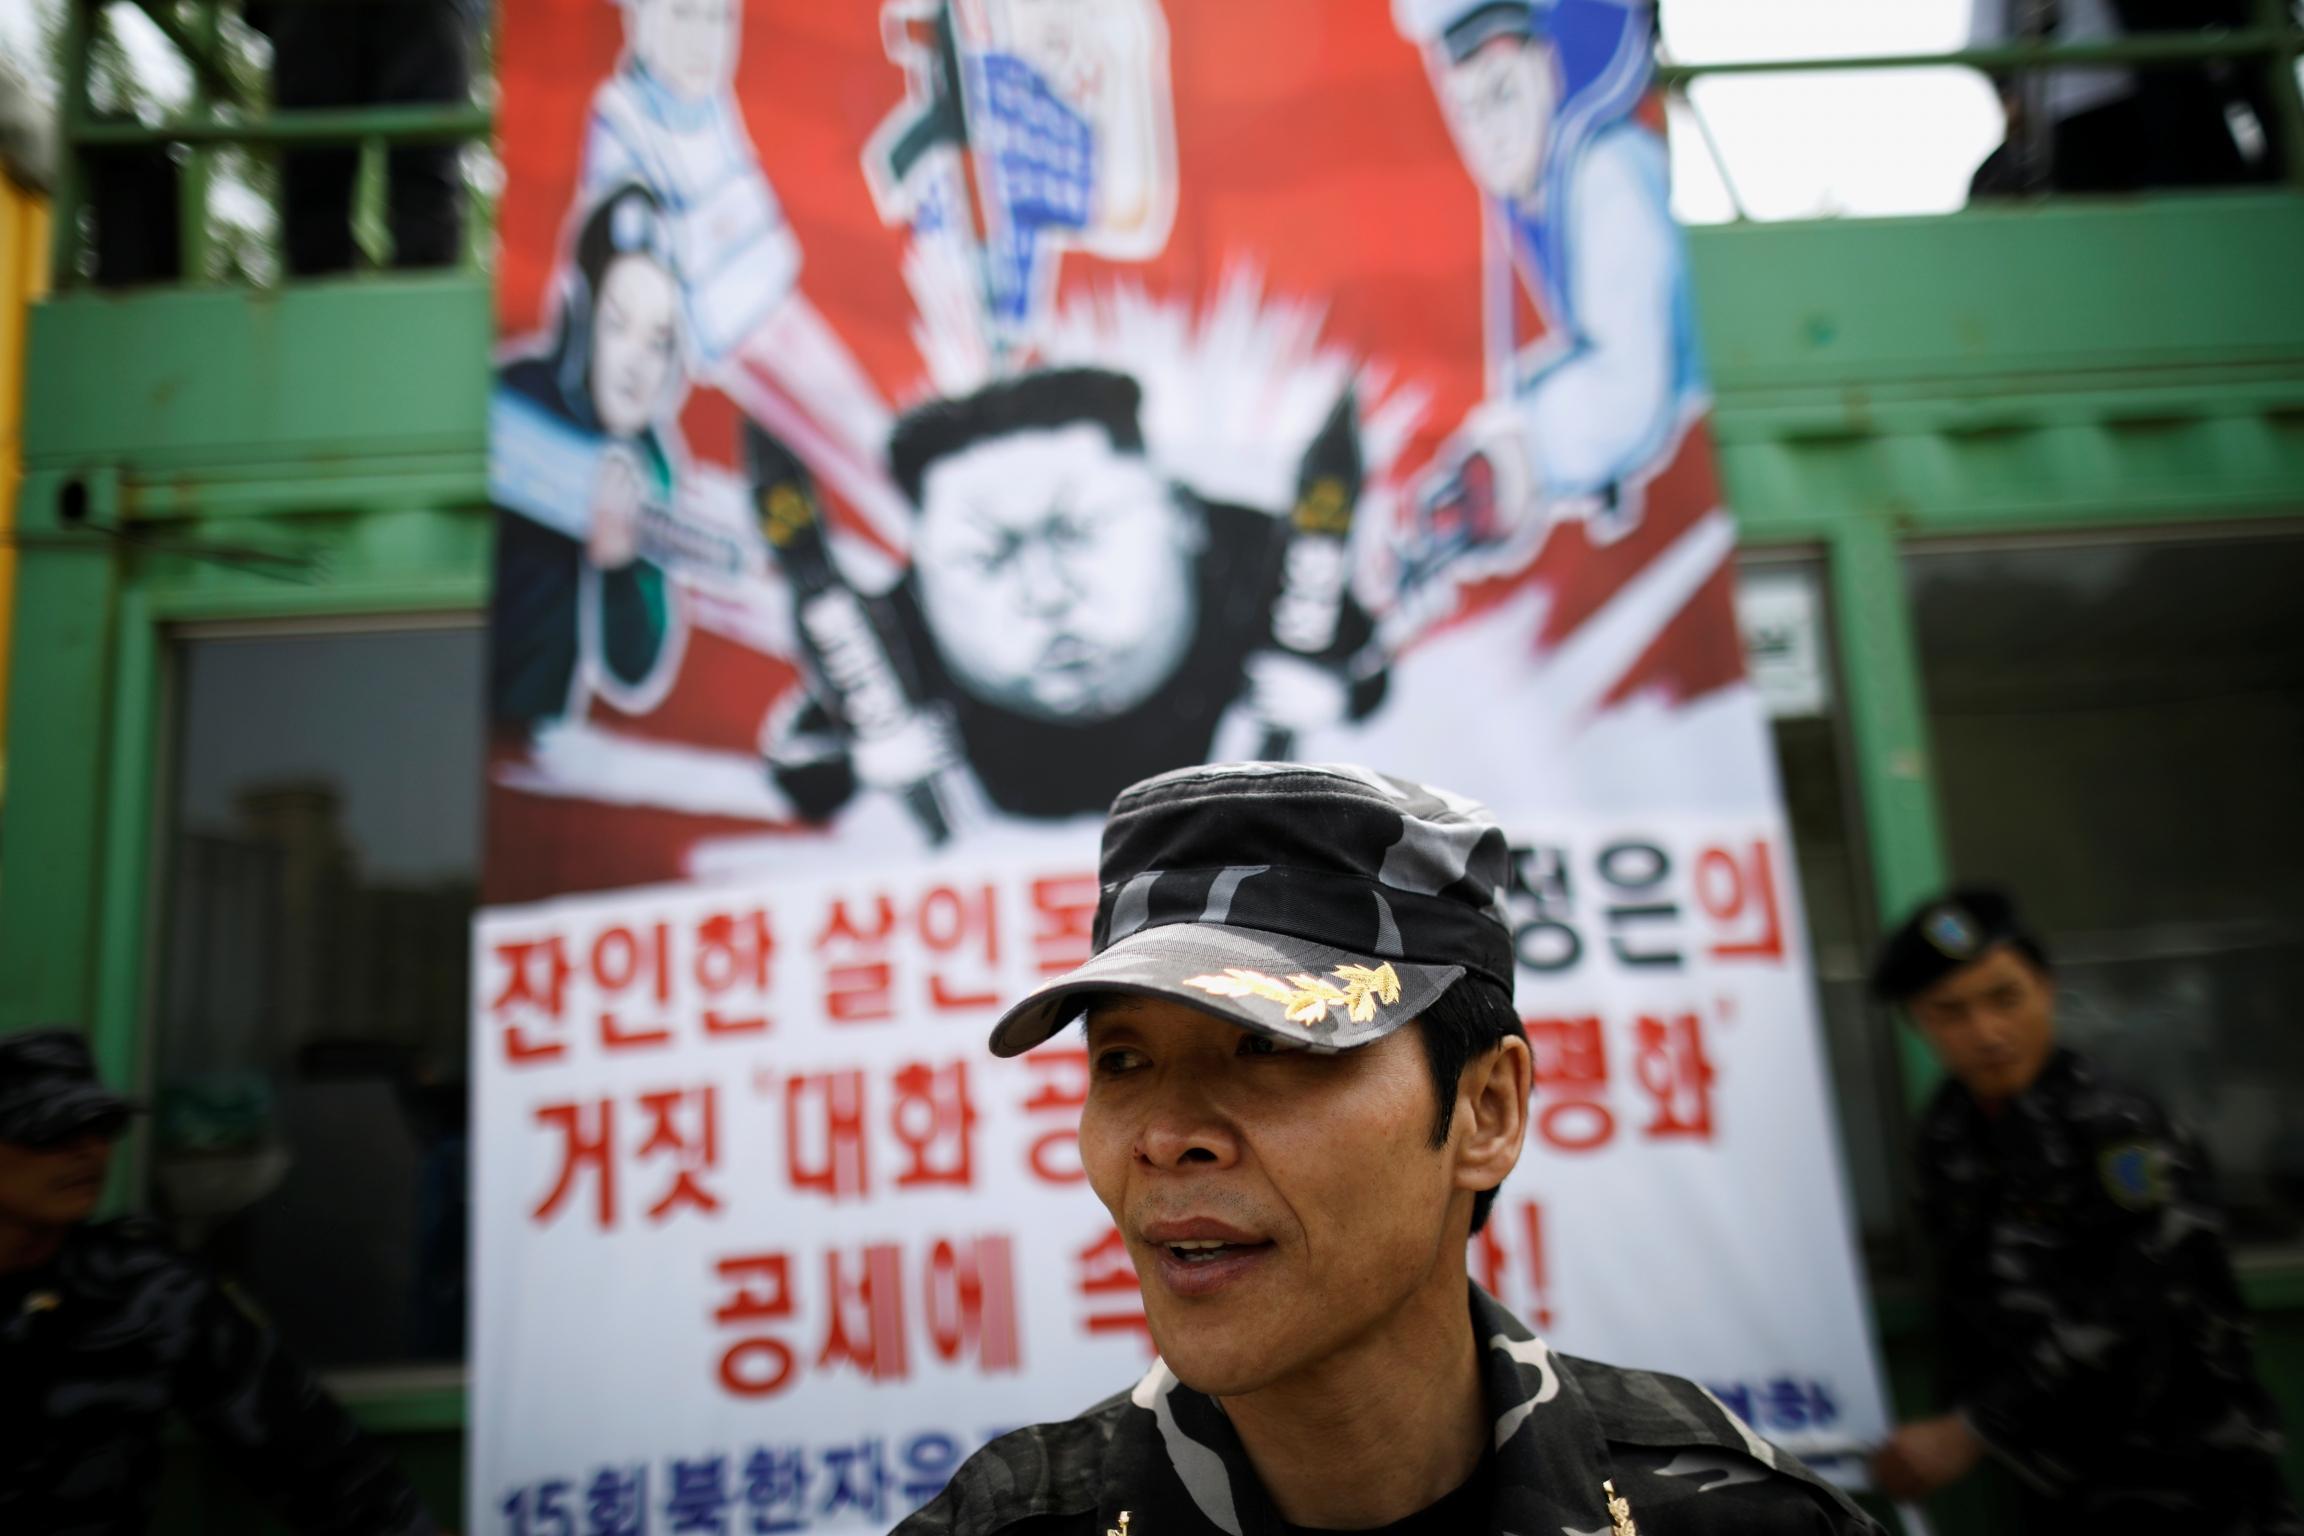 ANorthKorean defector, a member of an anti-NorthKoreacivic group, prepares to release balloons containing leaflets denouncingNorthKorean leader Kim Jong-un